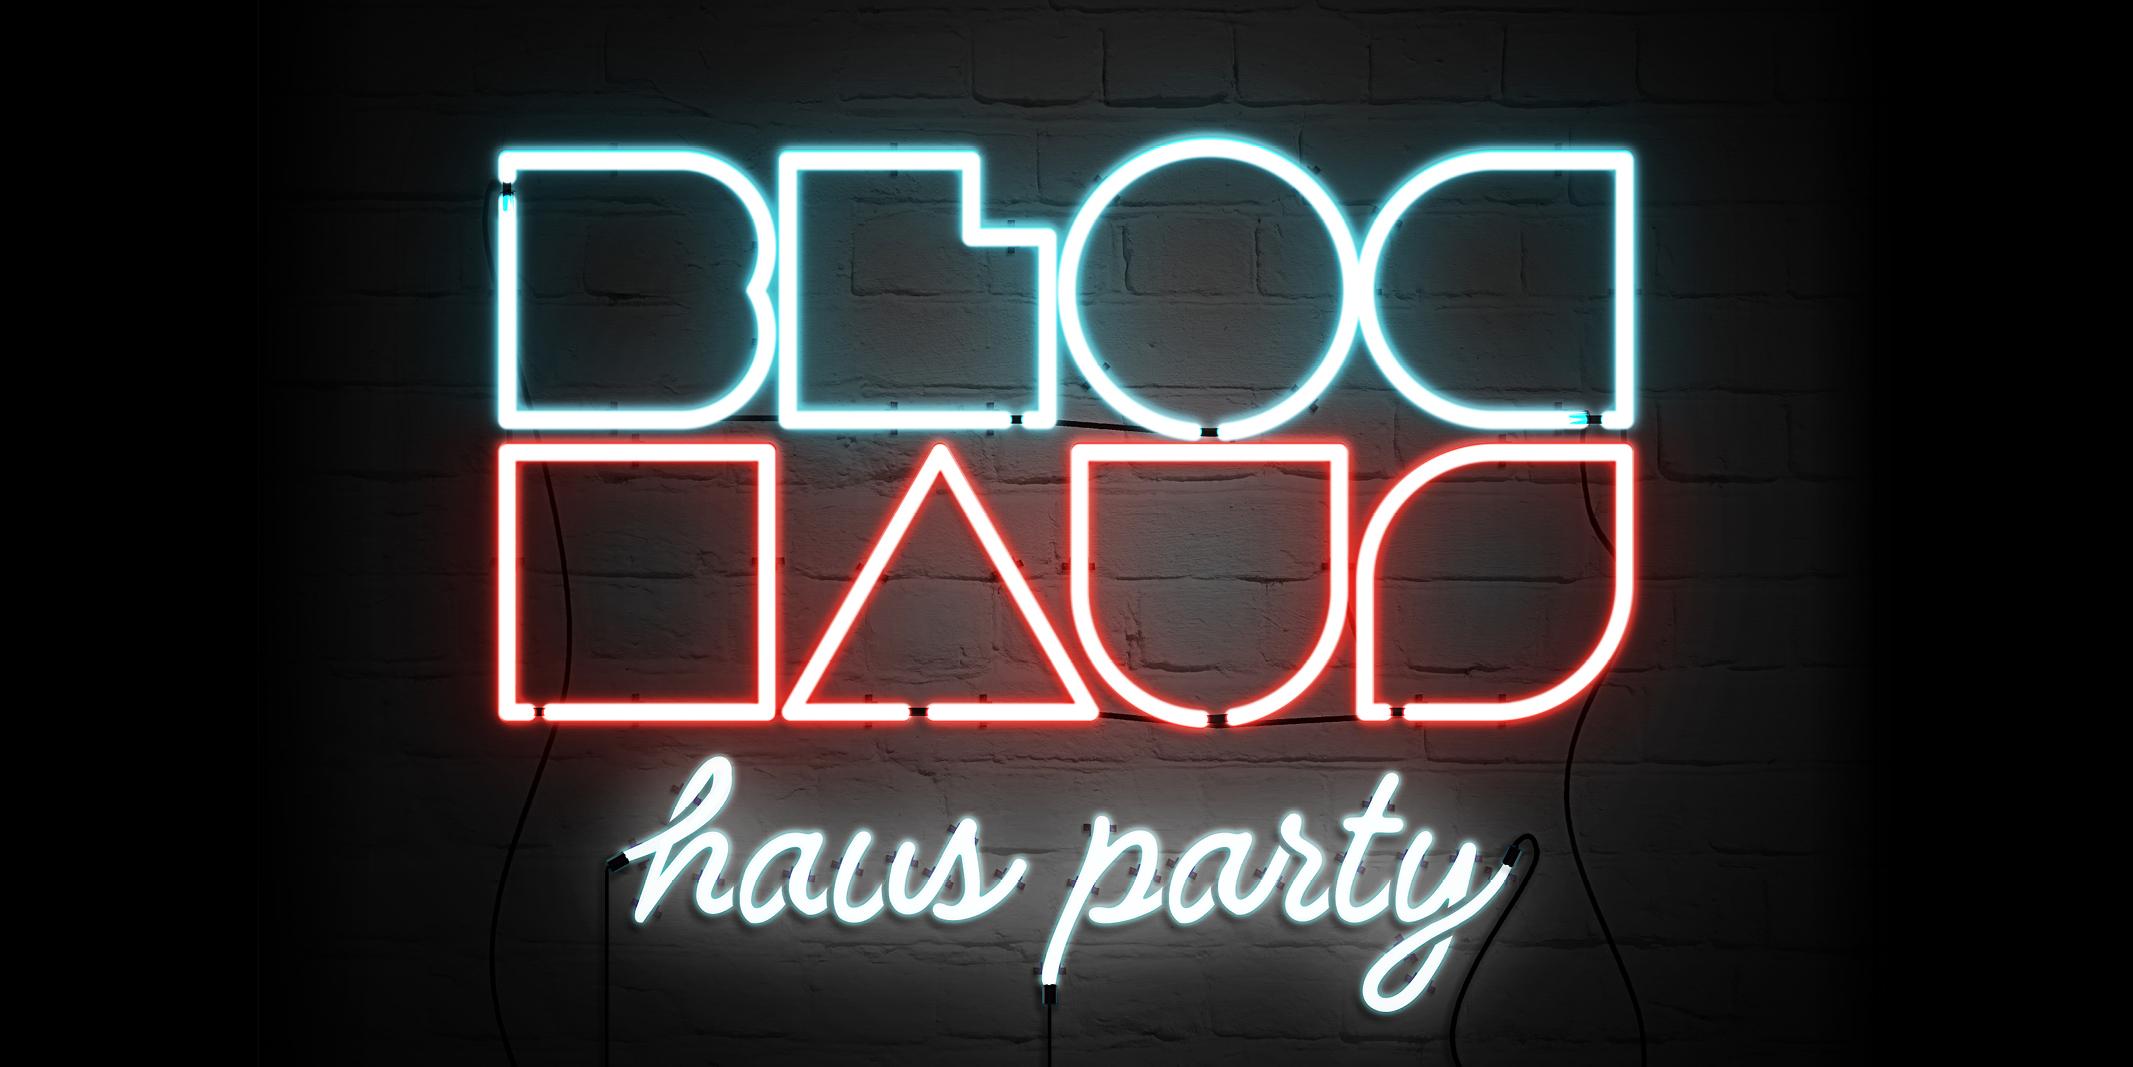 BlocHaus_Haus_Party_Social_Media_Ad_Facebook.jpg